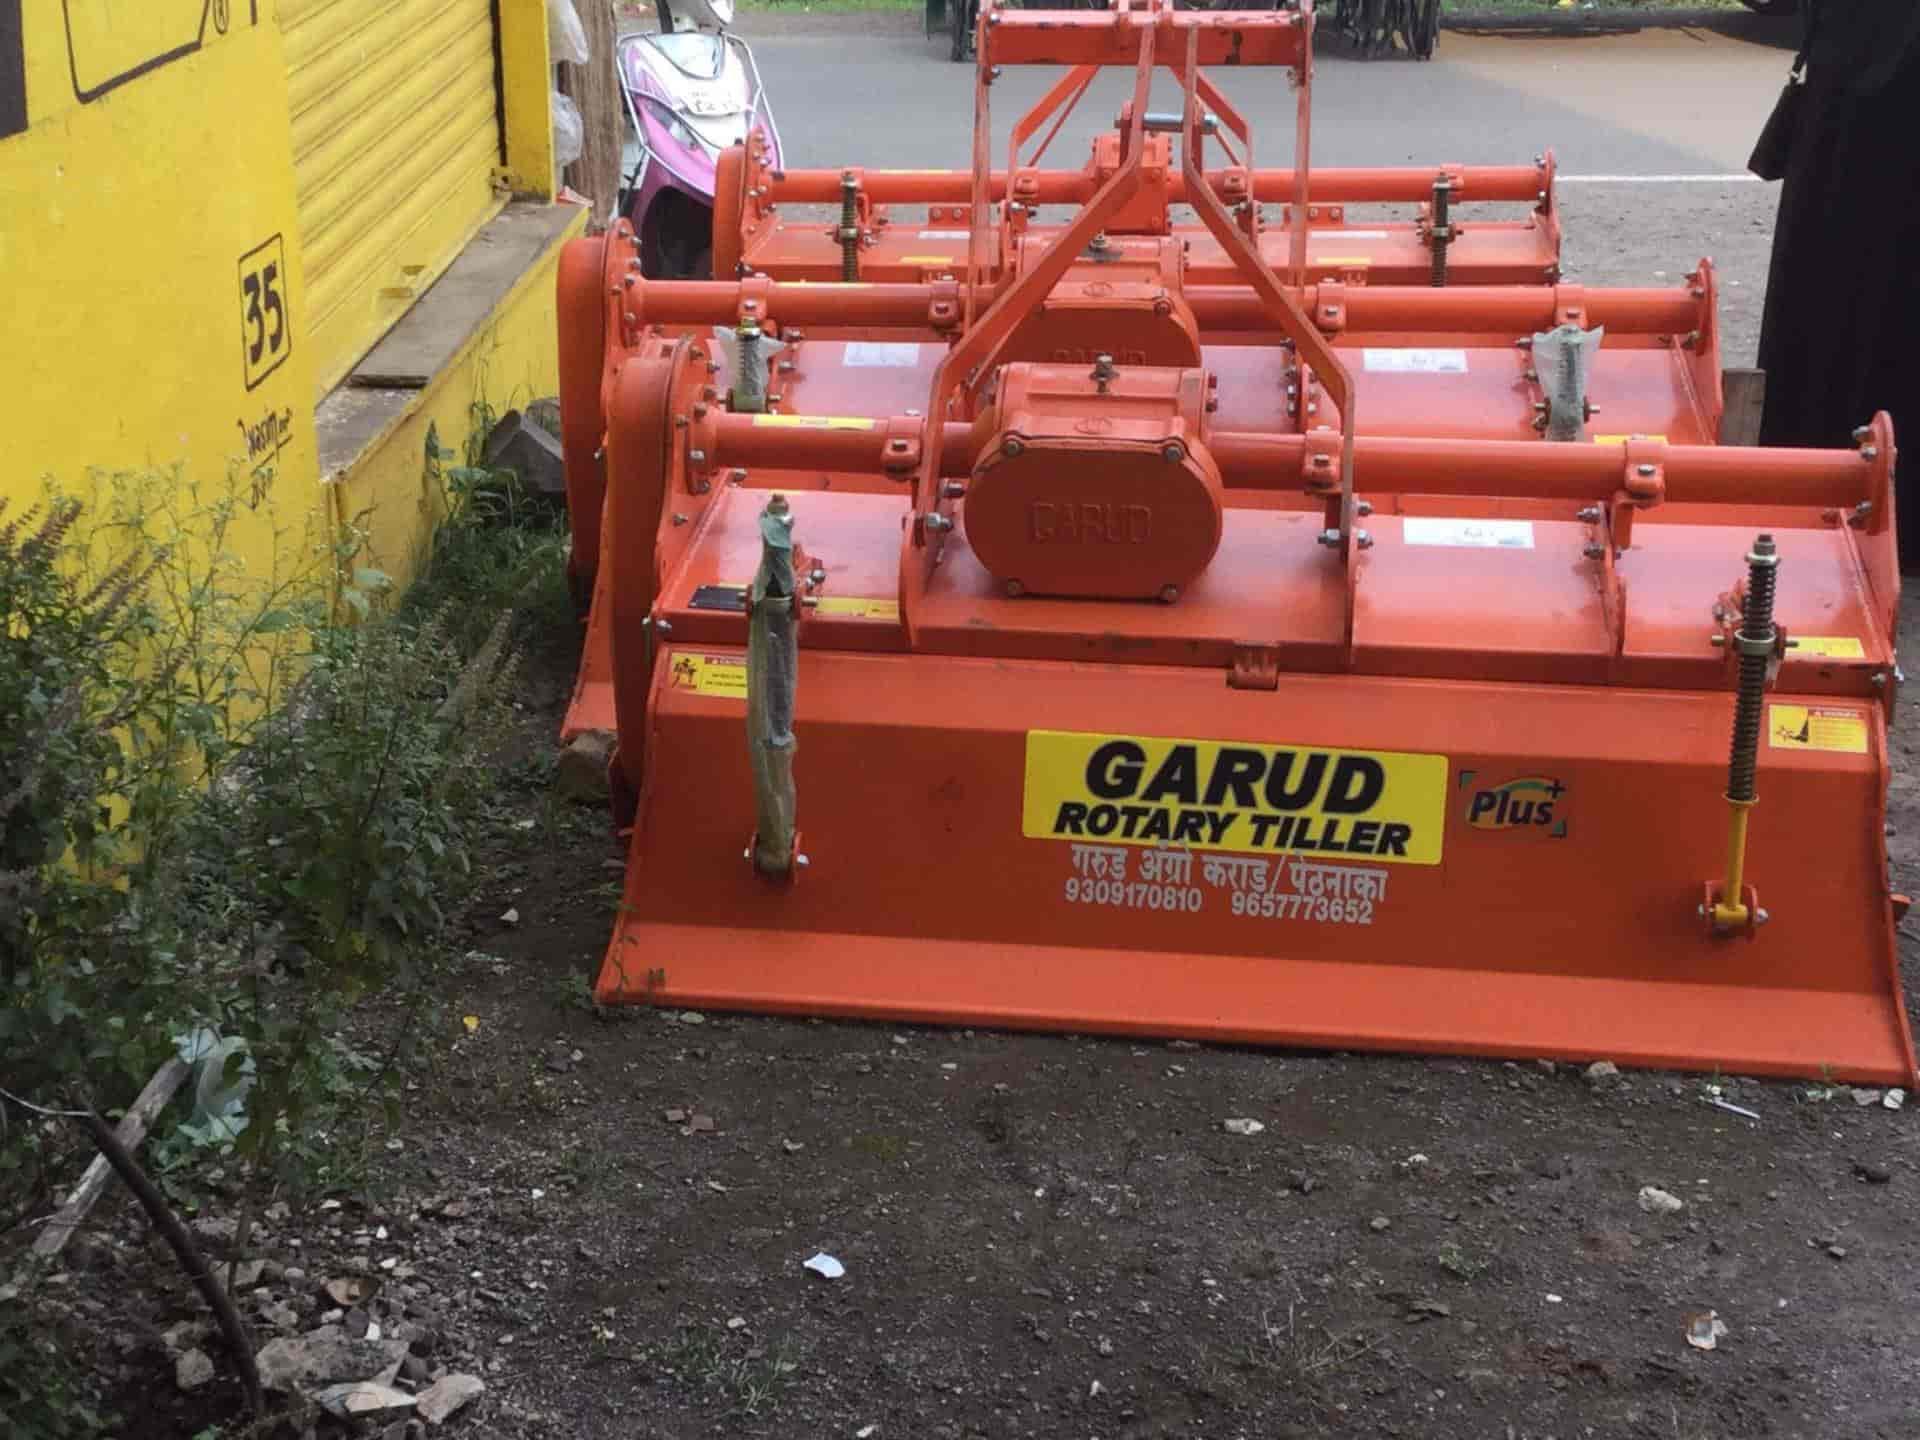 Garud Rotavator, Karad - Rotavator Dealers in Karad - Justdial